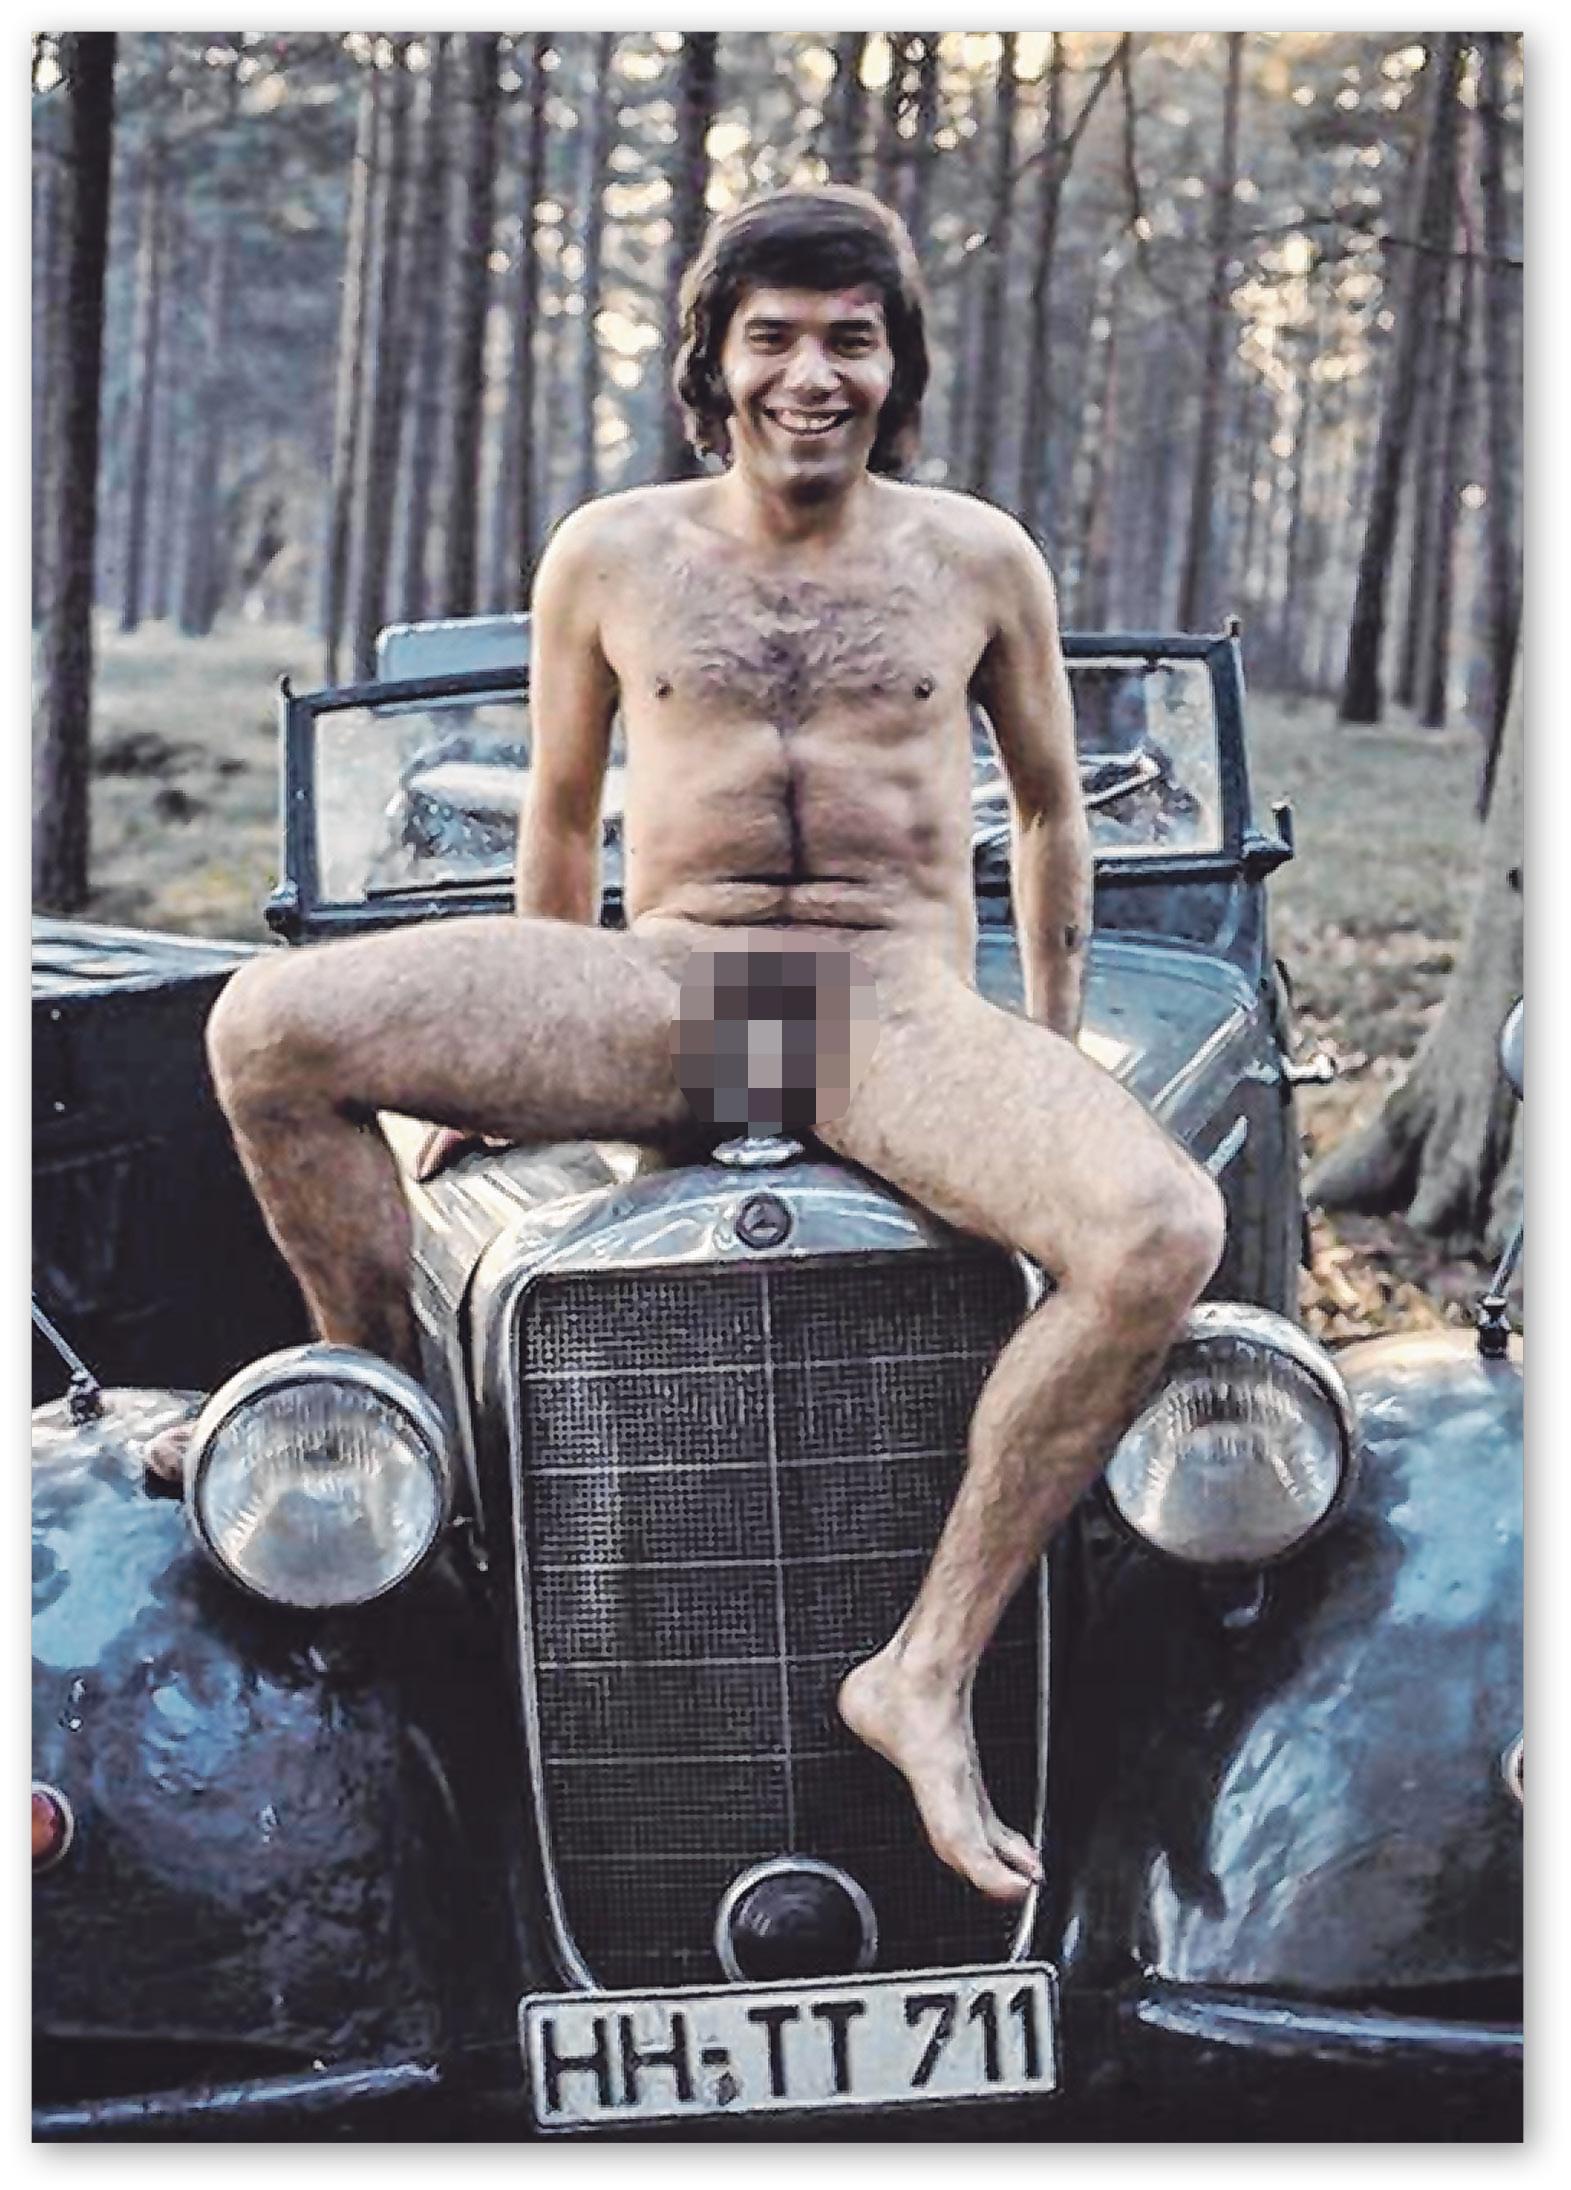 Der hessische Jugendmeister im Frisieren von Herren, den Günter Zint zu Nacktaufnahmen überredet hatte.